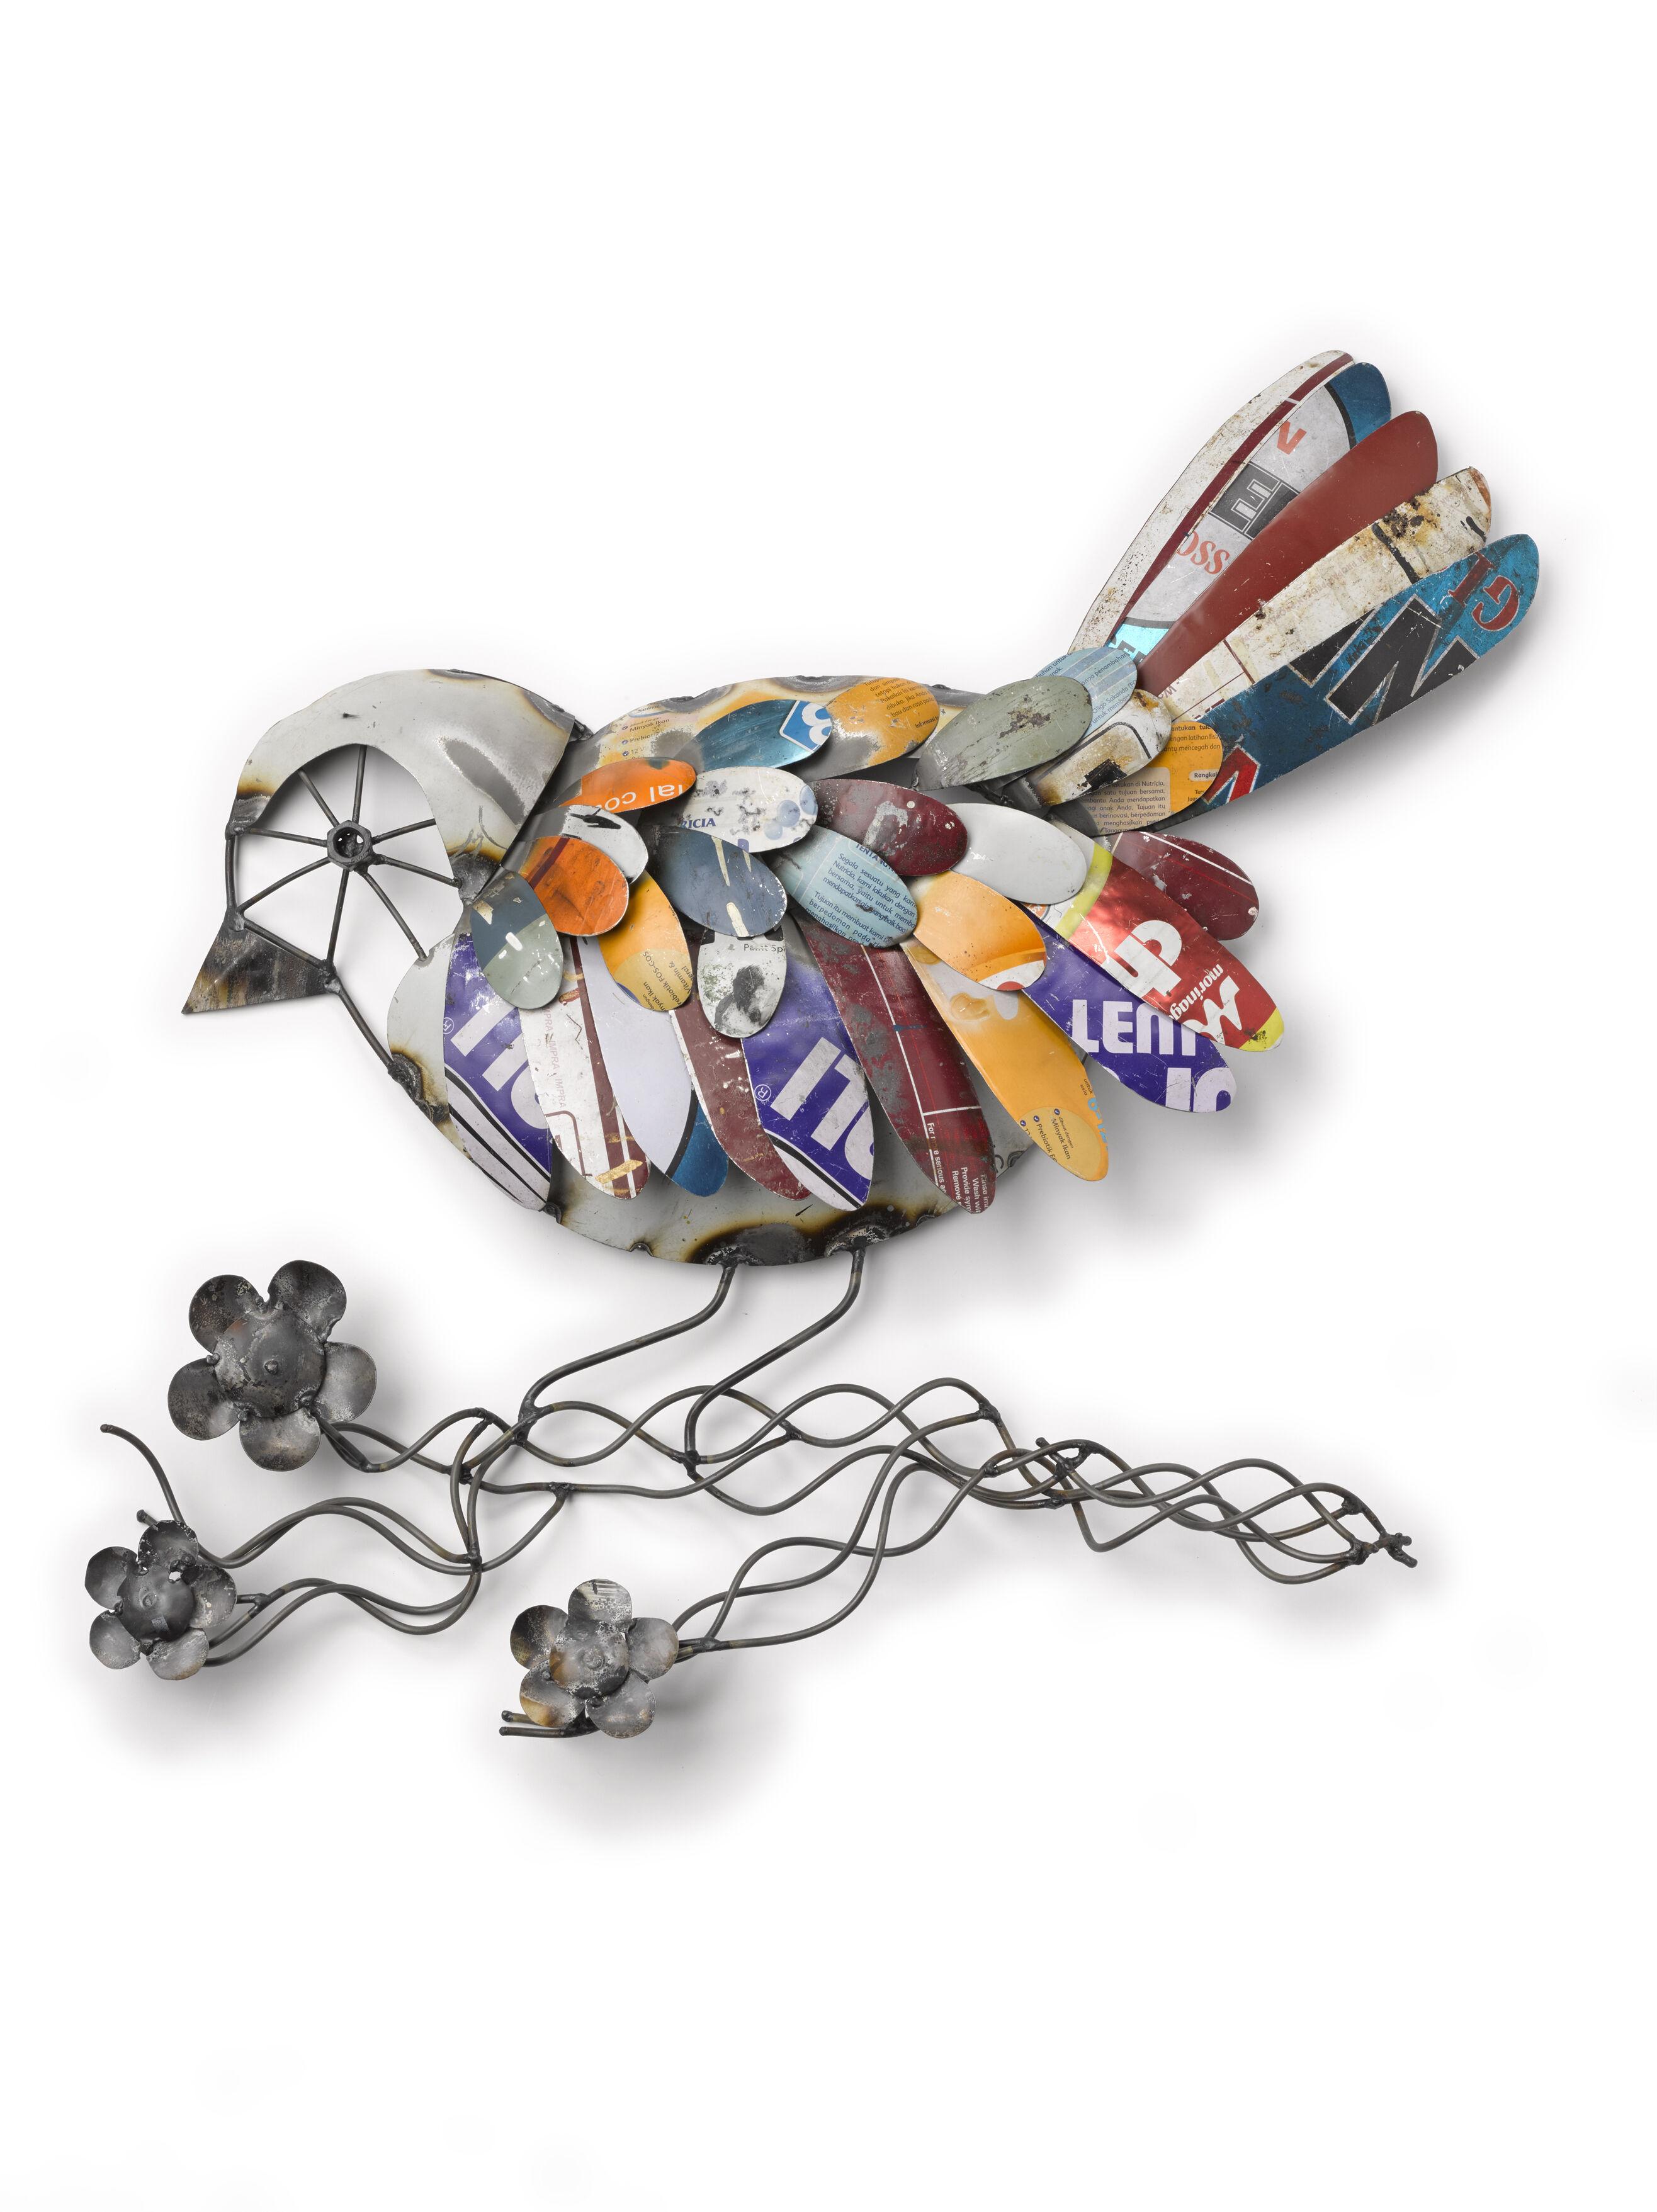 Outdoor Metal Wall Art: Recycled Metal Bird Wall Art ... on Backyard Metal Art id=47141